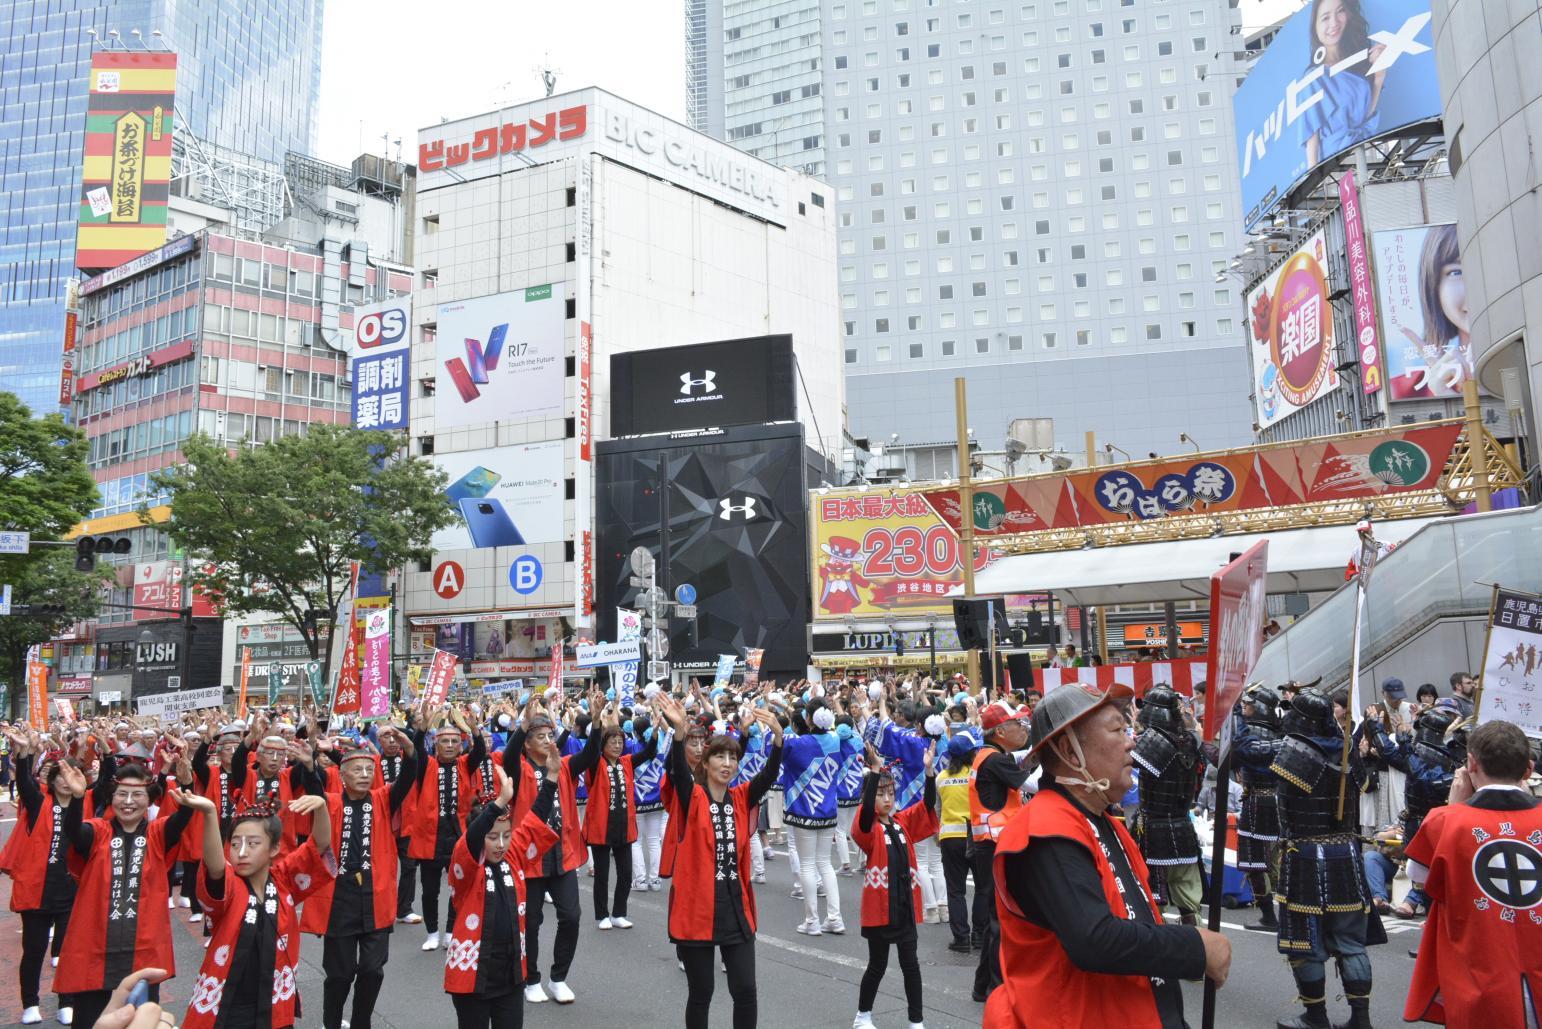 【東京開催】「第23回 渋谷・鹿児島おはら祭」鹿児島からの参加連を募集します-1